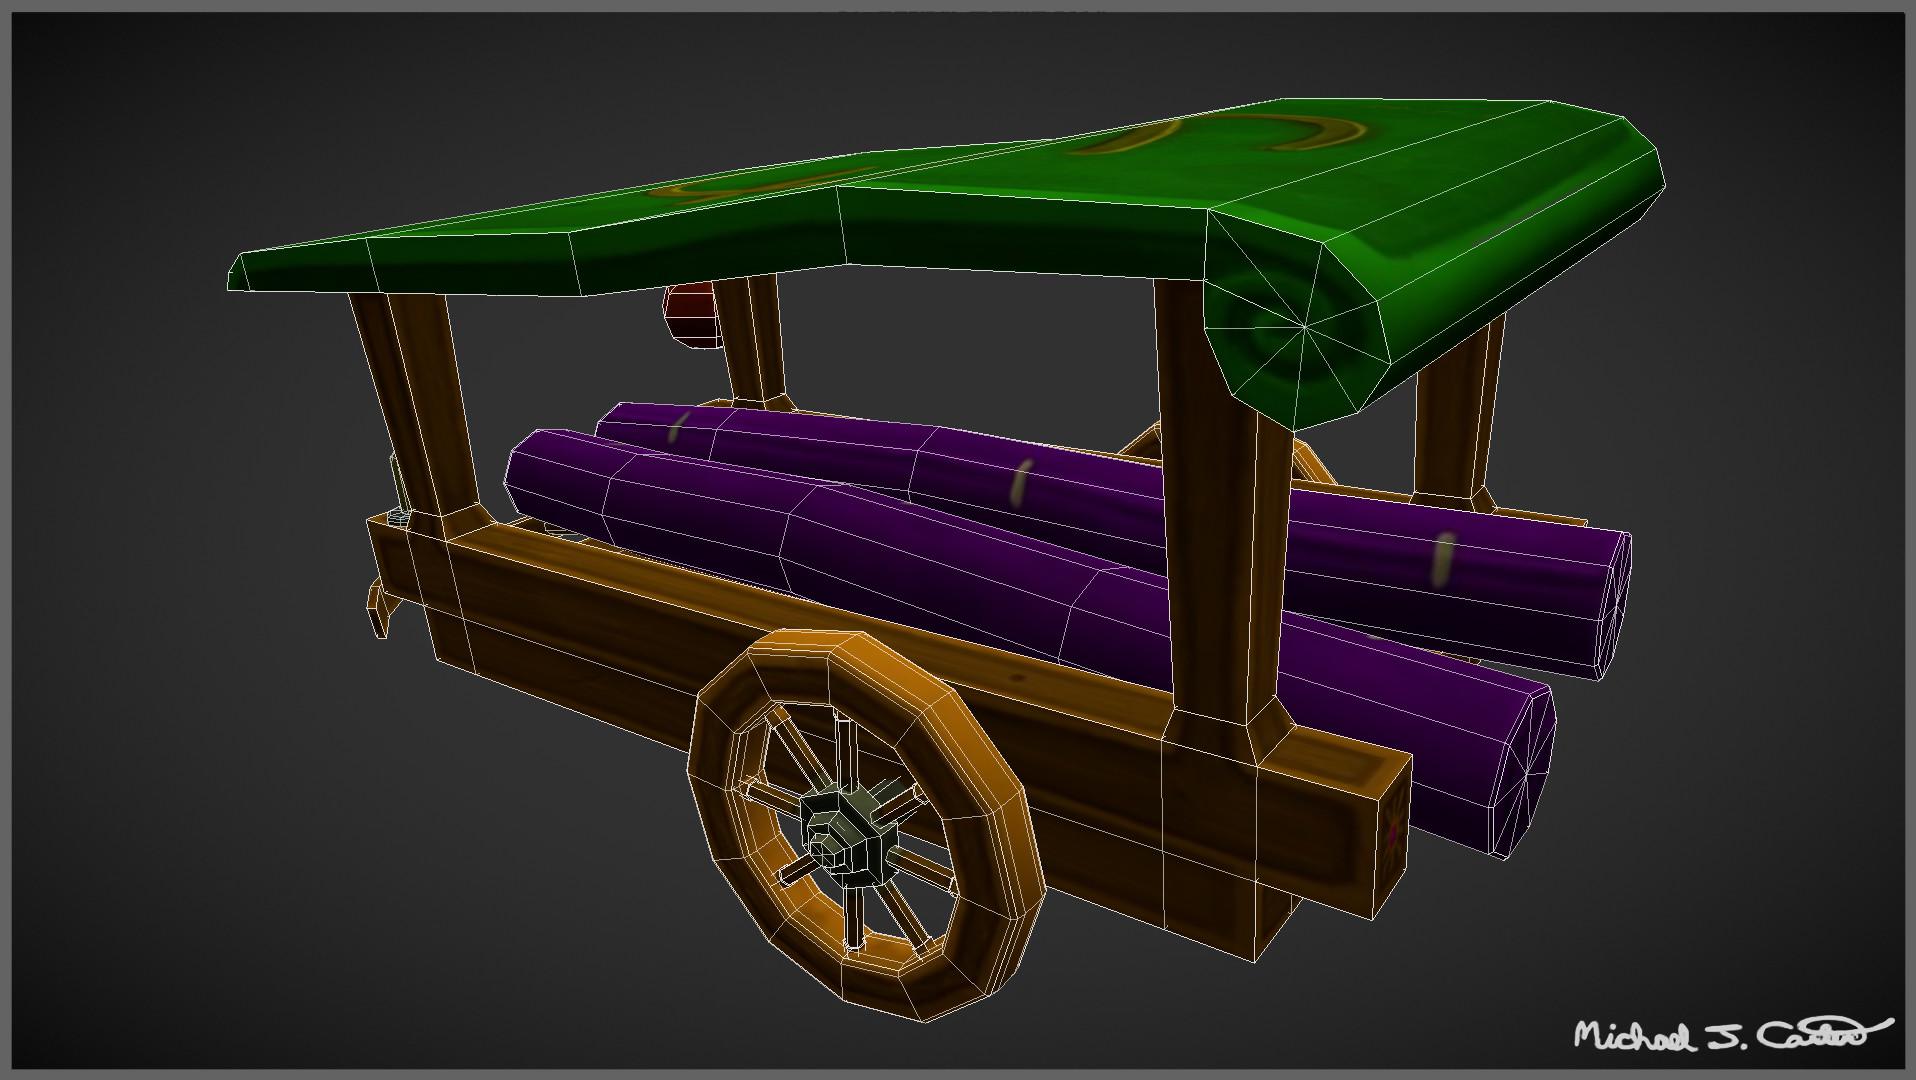 Michael jake carter mcarter fantasy chinese silk trader wagon wireframe image